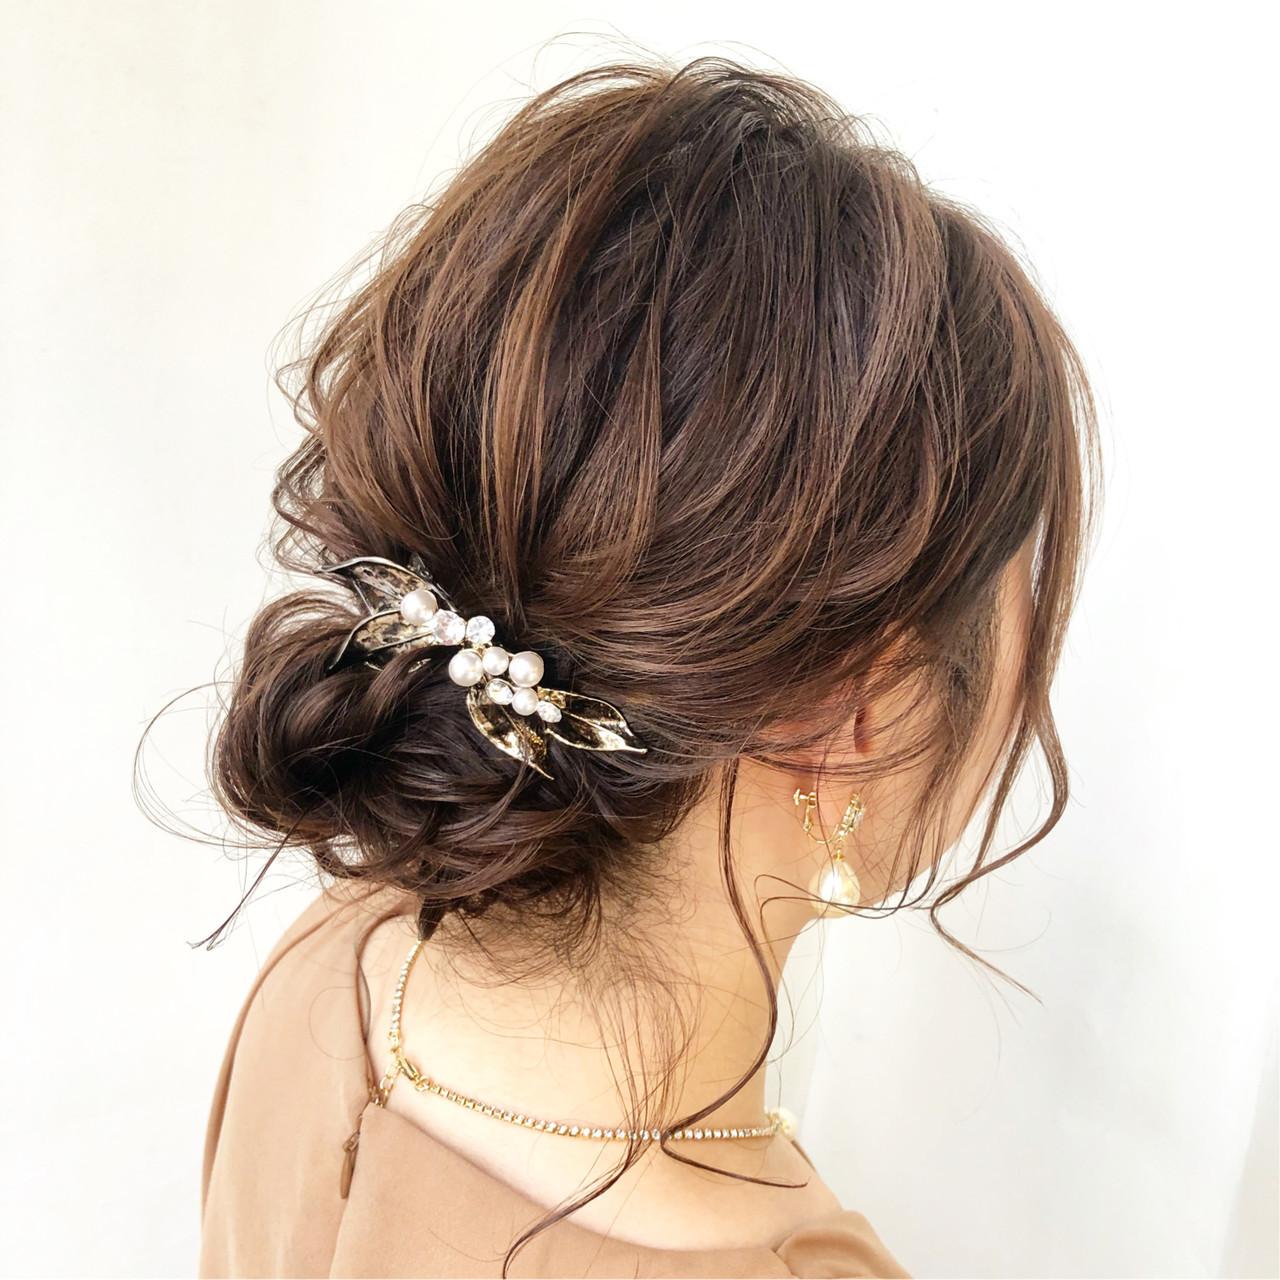 ミディアム 結婚式 お団子アレンジ ルーズ ヘアスタイルや髪型の写真・画像